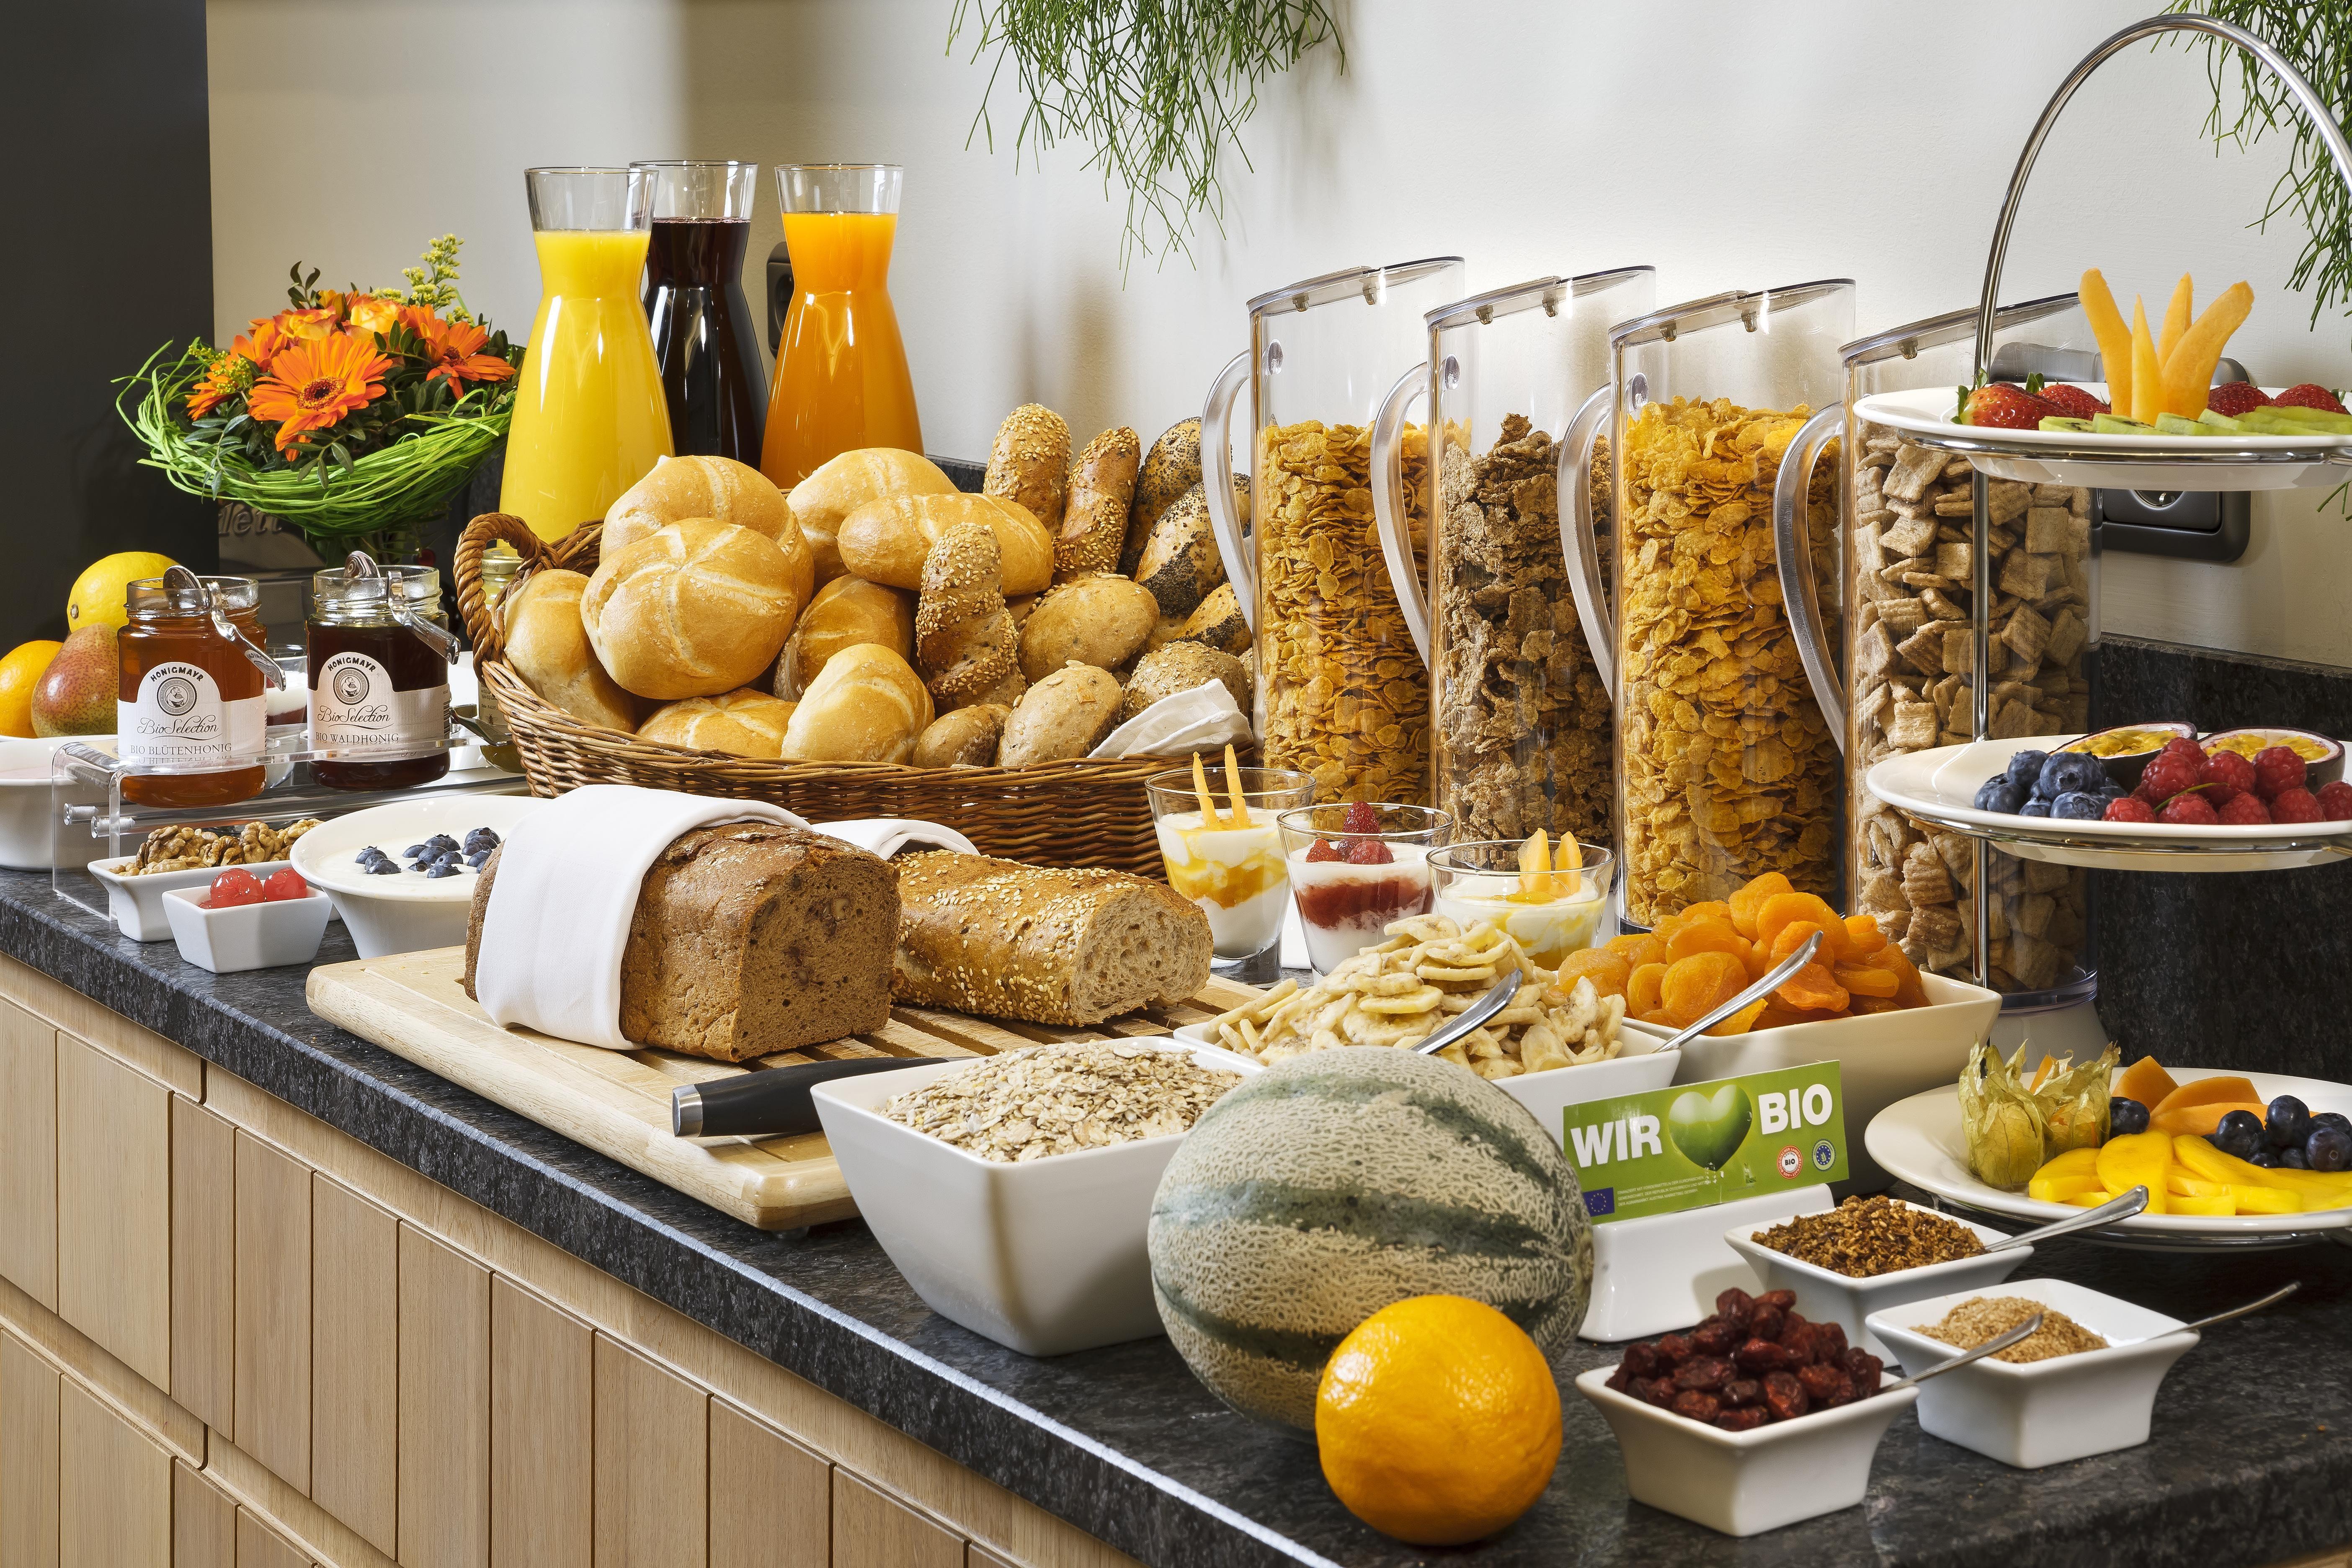 fr hst cksbuffet m sliecke breakfastbuffet apparthotel sonne pinterest fr hst cksbuffet. Black Bedroom Furniture Sets. Home Design Ideas